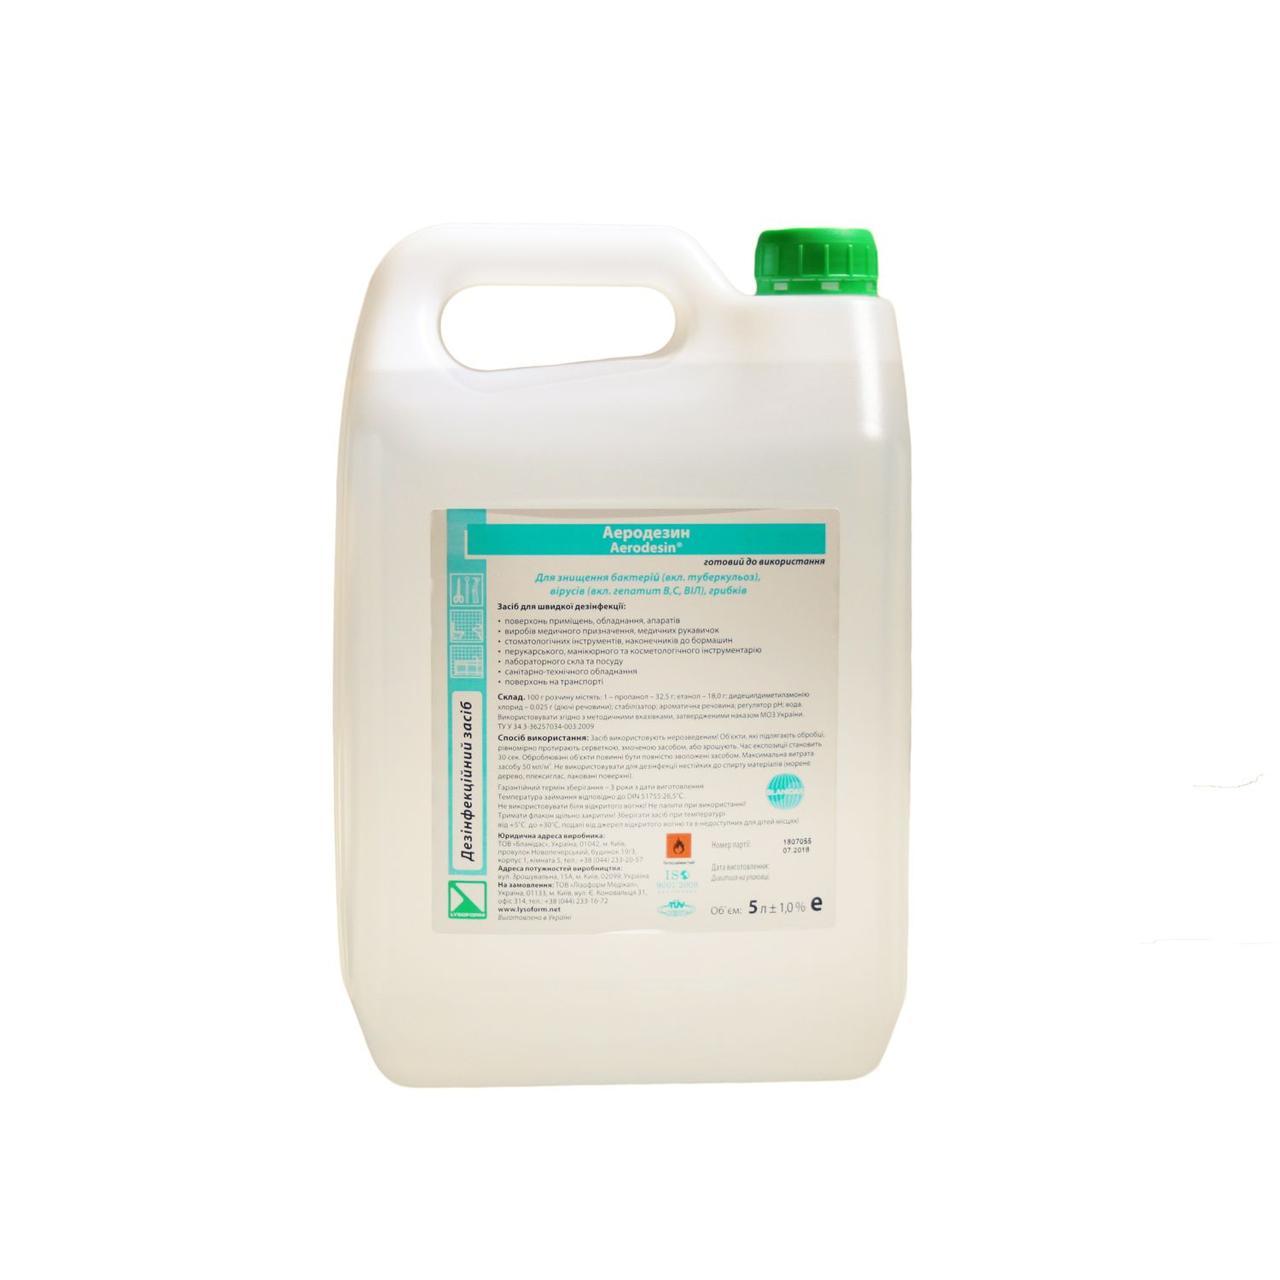 Аэродезин 5л - засіб для дезінфекції